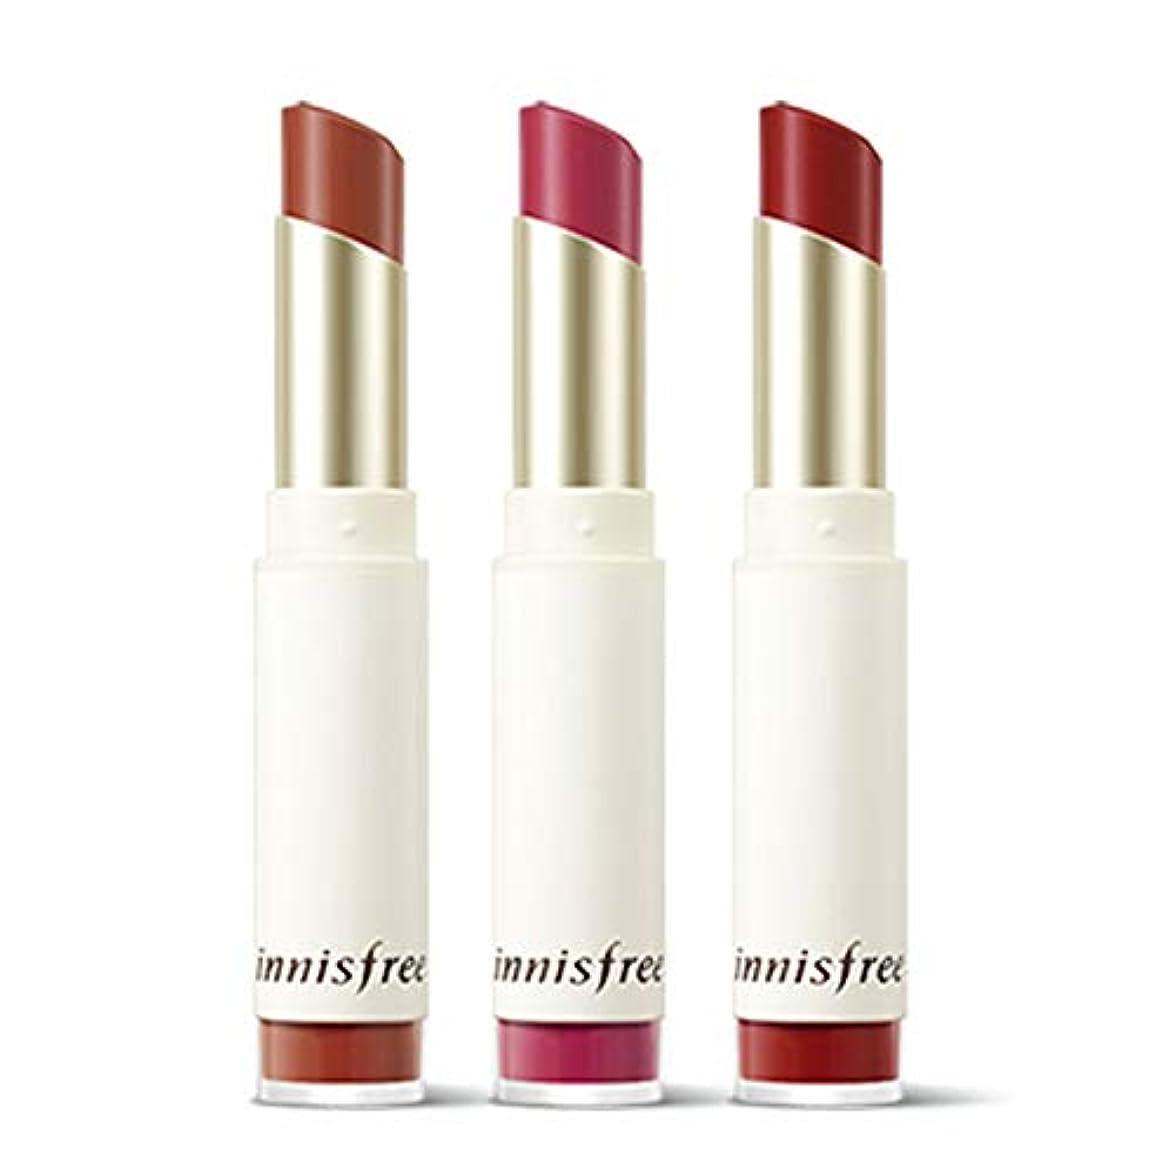 ロープ救出波イニスフリーリアルフィットベルベットリップスティック3.3g Innisfree Real Fit Velvet Lipstick 3.3g [海外直送品][並行輸入品] (#08. Cherry Pink)